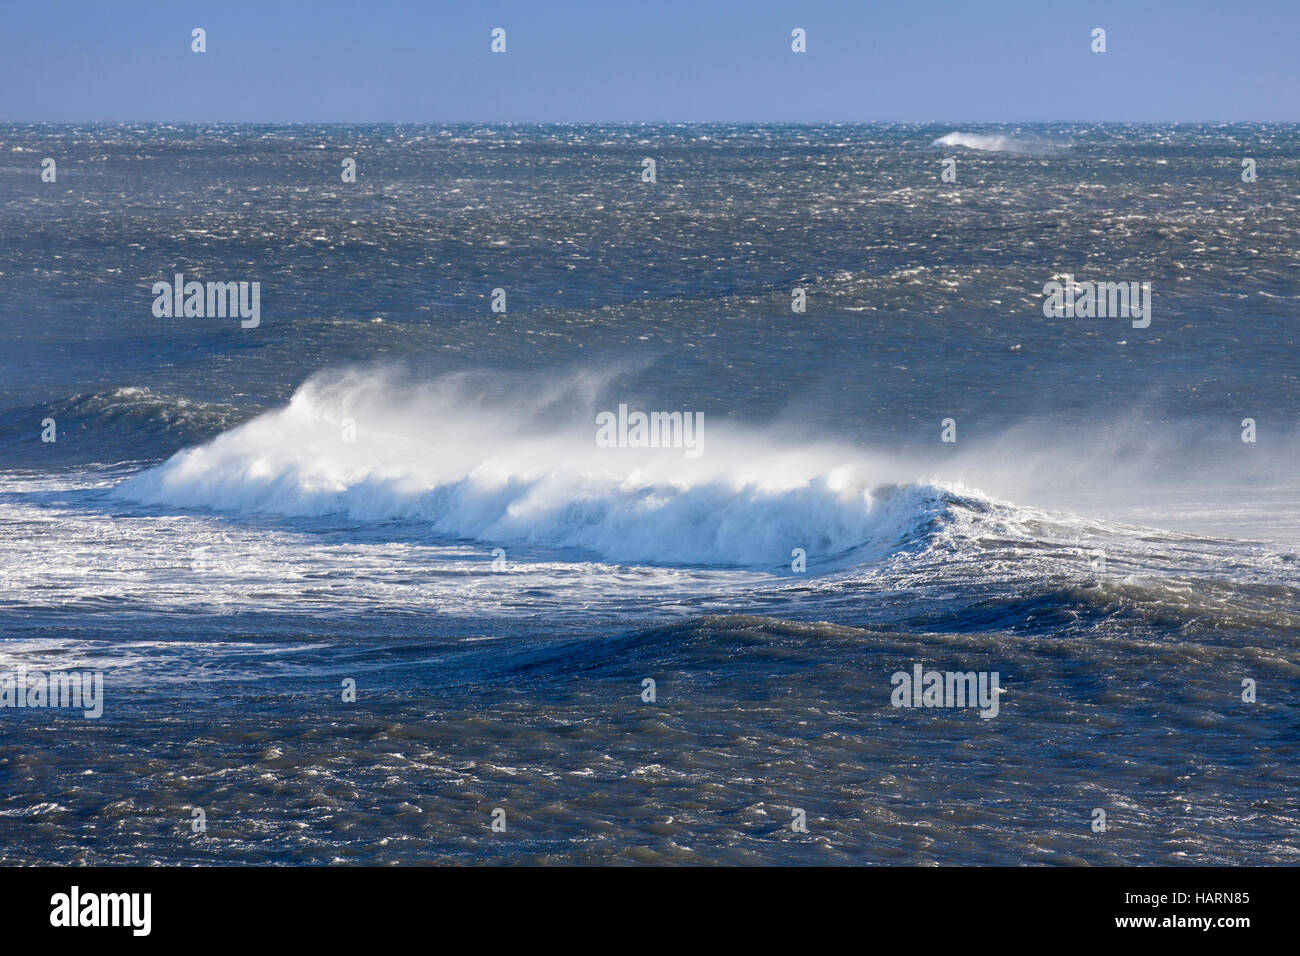 En la cresta de la onda del mar Ártico mostrando airborne spray y spindrift debido a los fuertes vientos Imagen De Stock